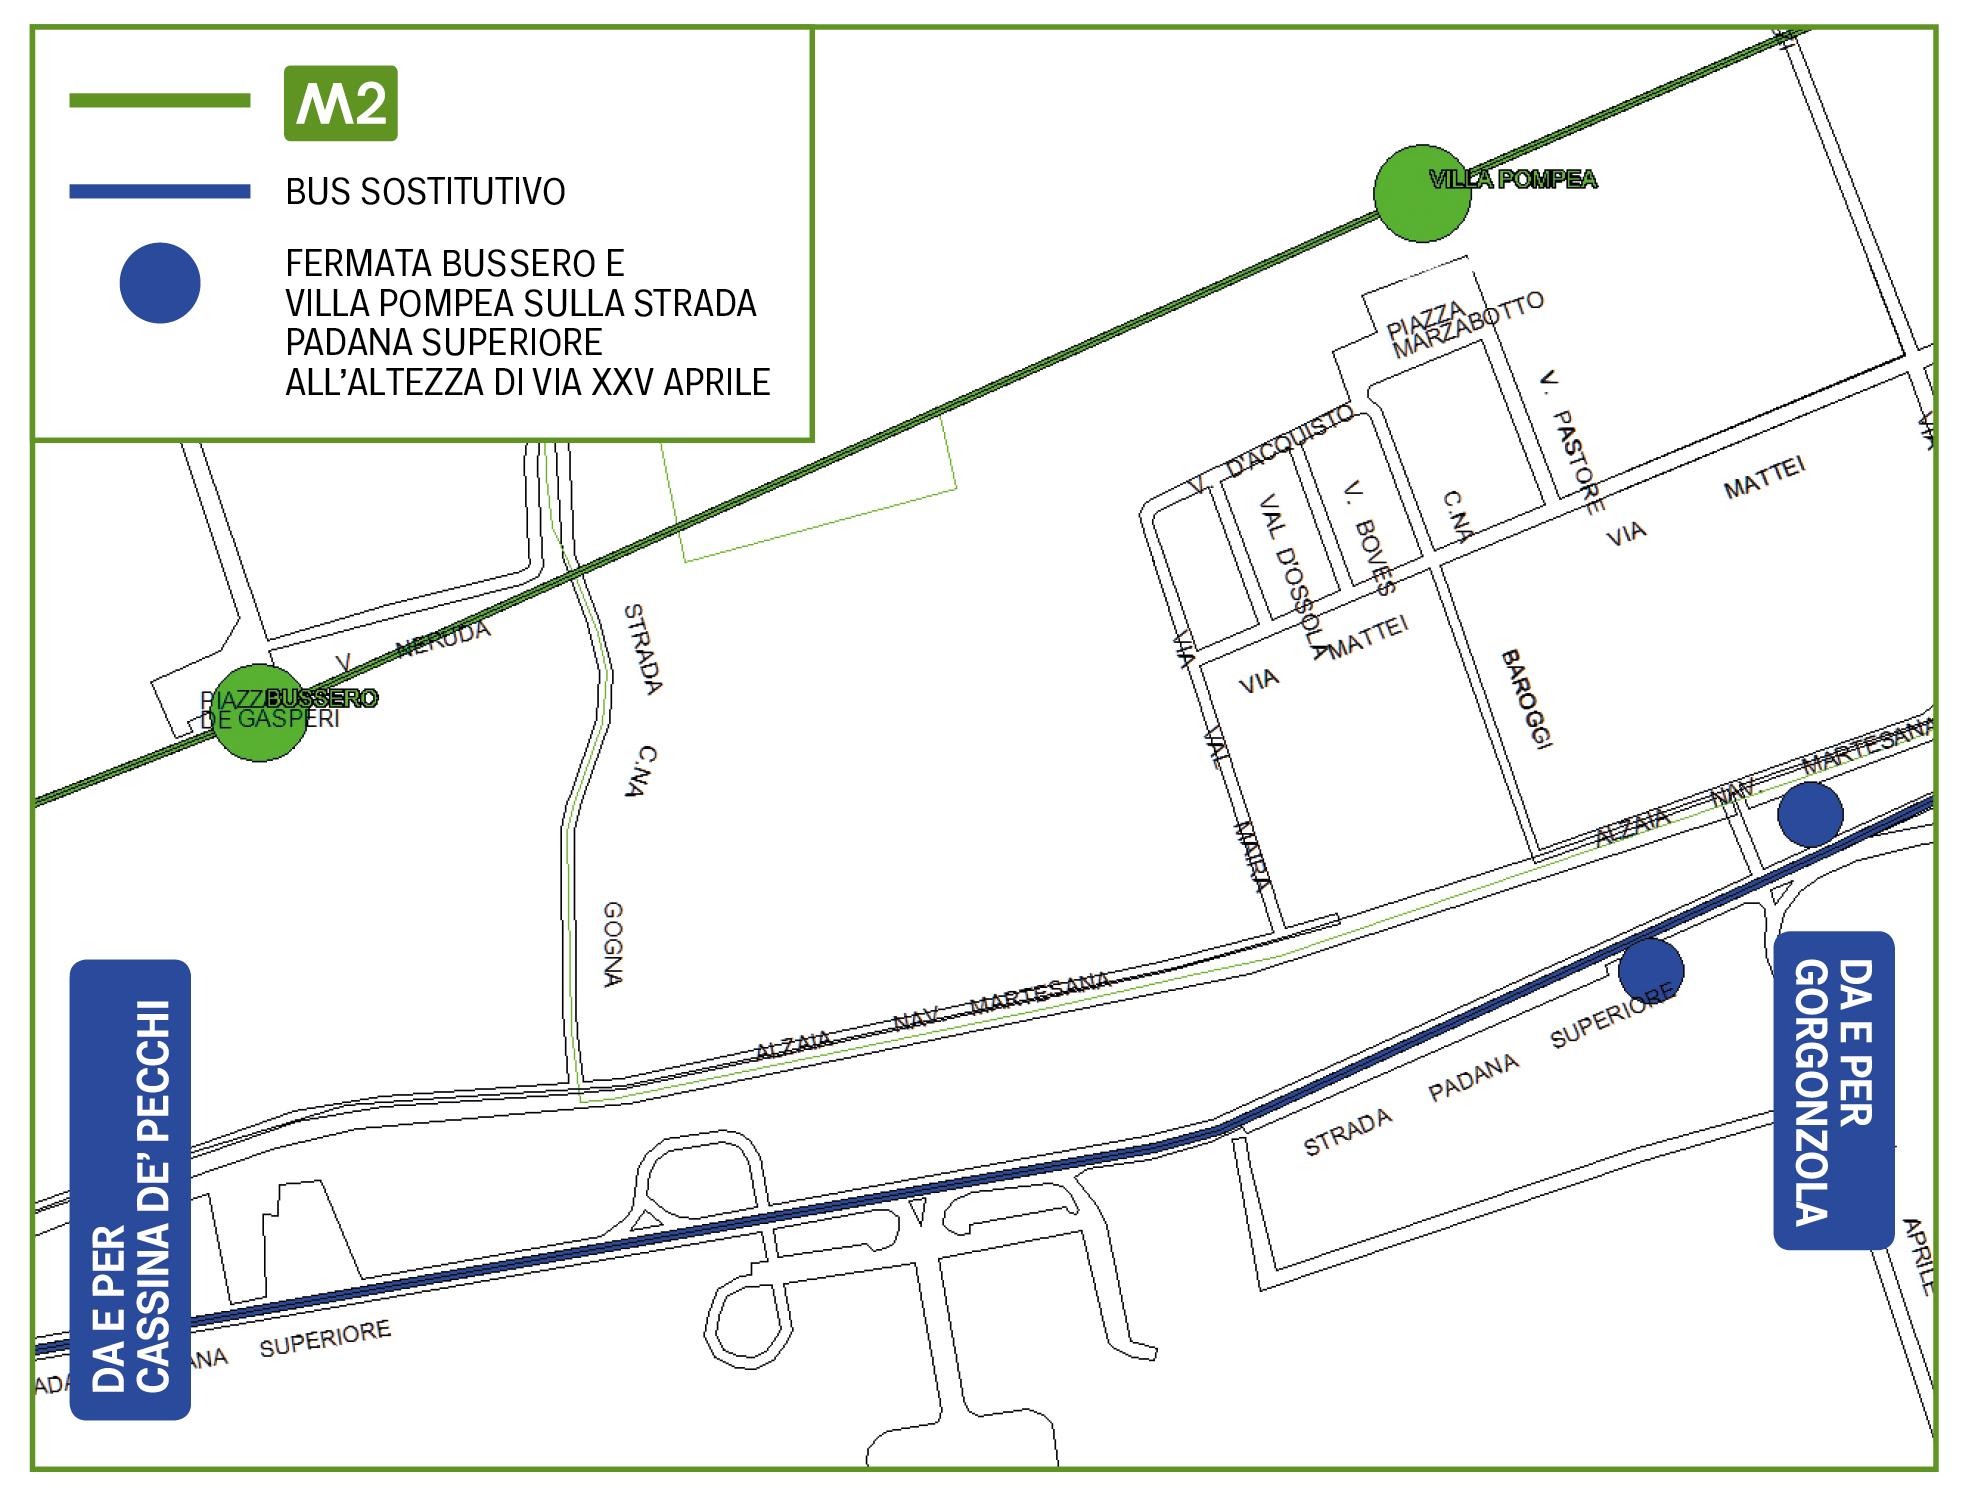 Mappa Bus sostitutivo Bussero e Villa Pompea